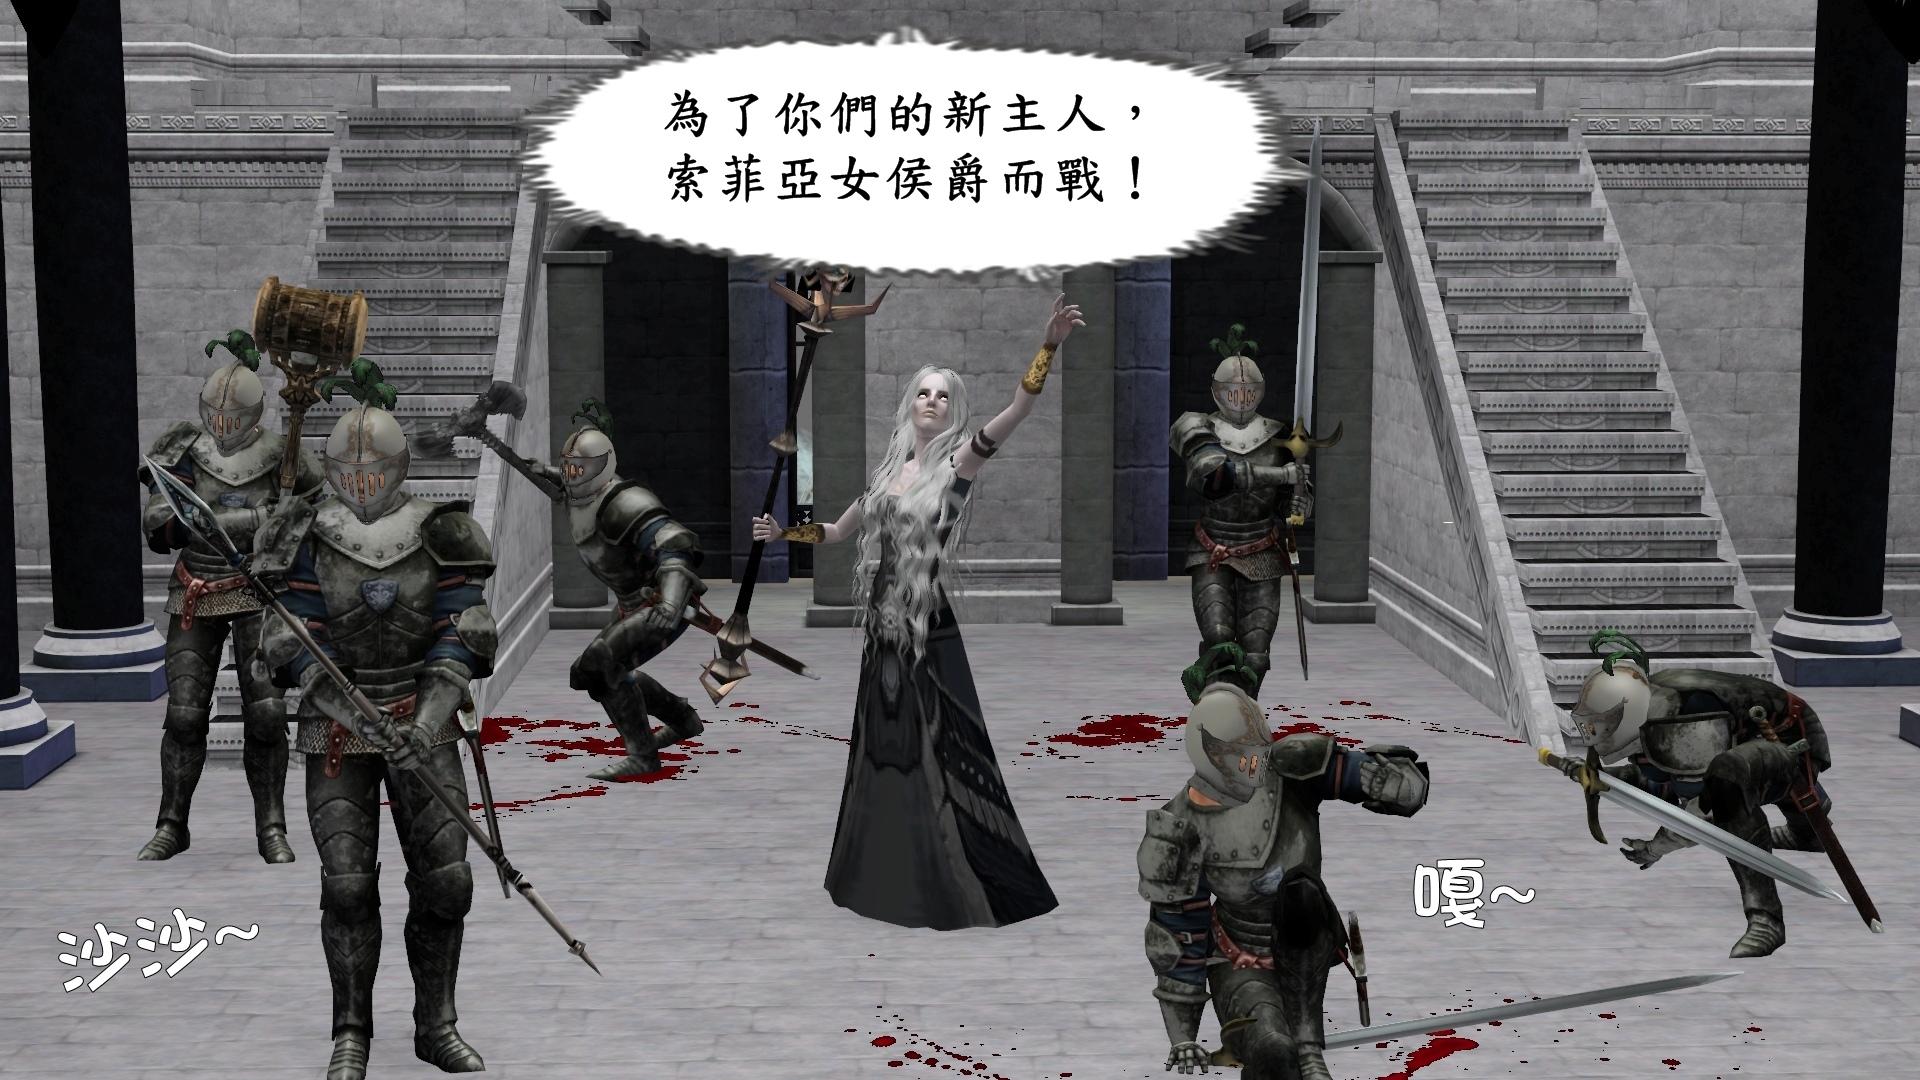 E21前進!為了你們的新主人,索非亞女侯爵而戰!.jpg